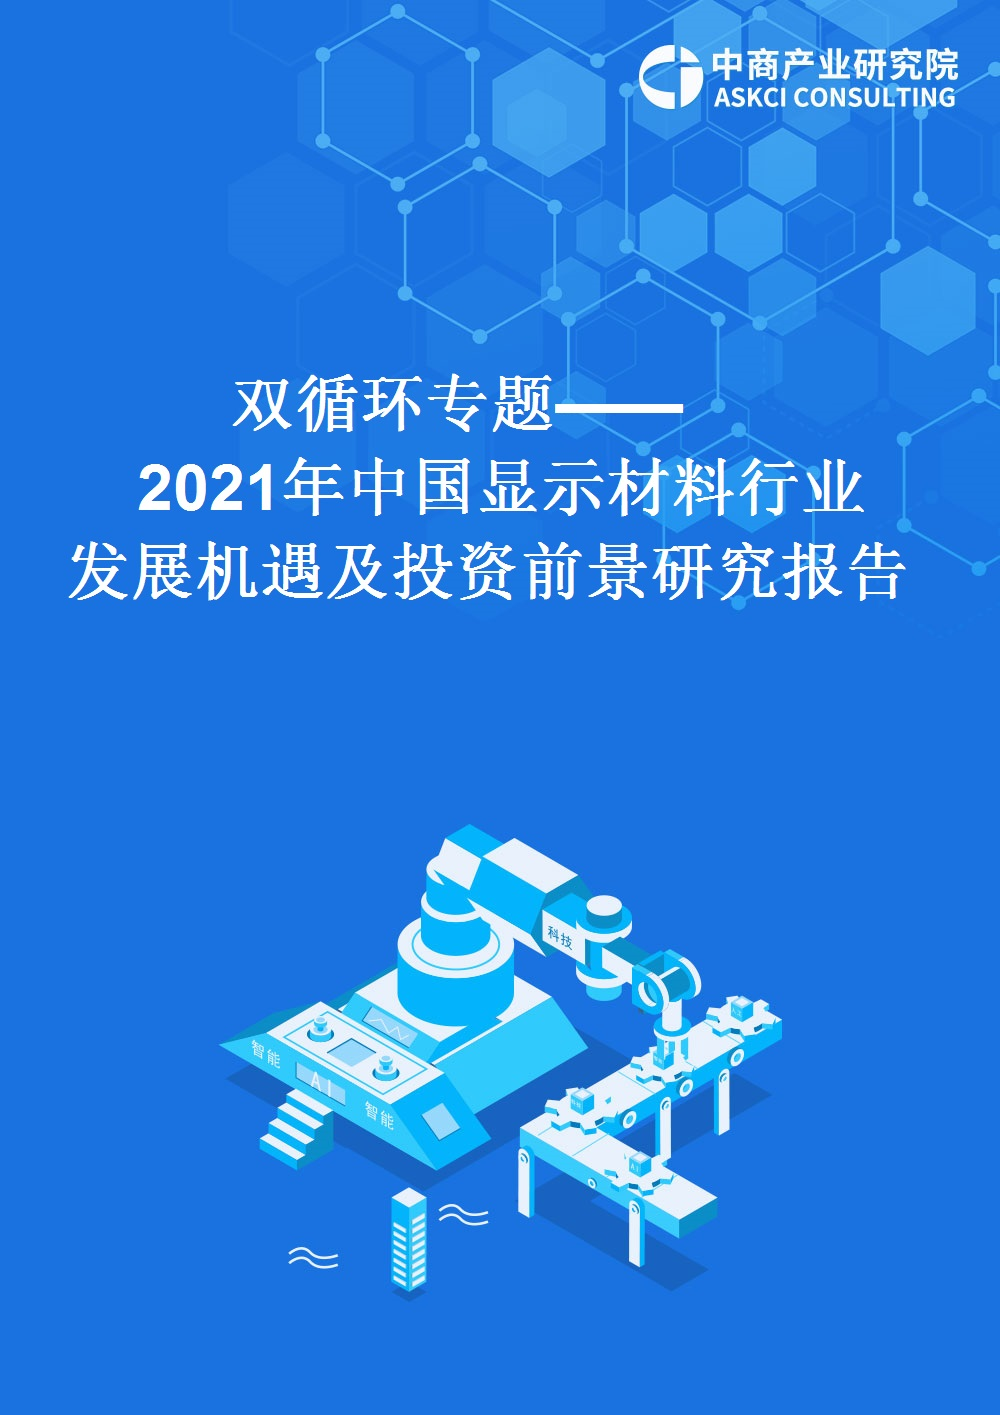 双循环专题—— 2021年中国显示材料行业 发展机遇及投资前景研究报告